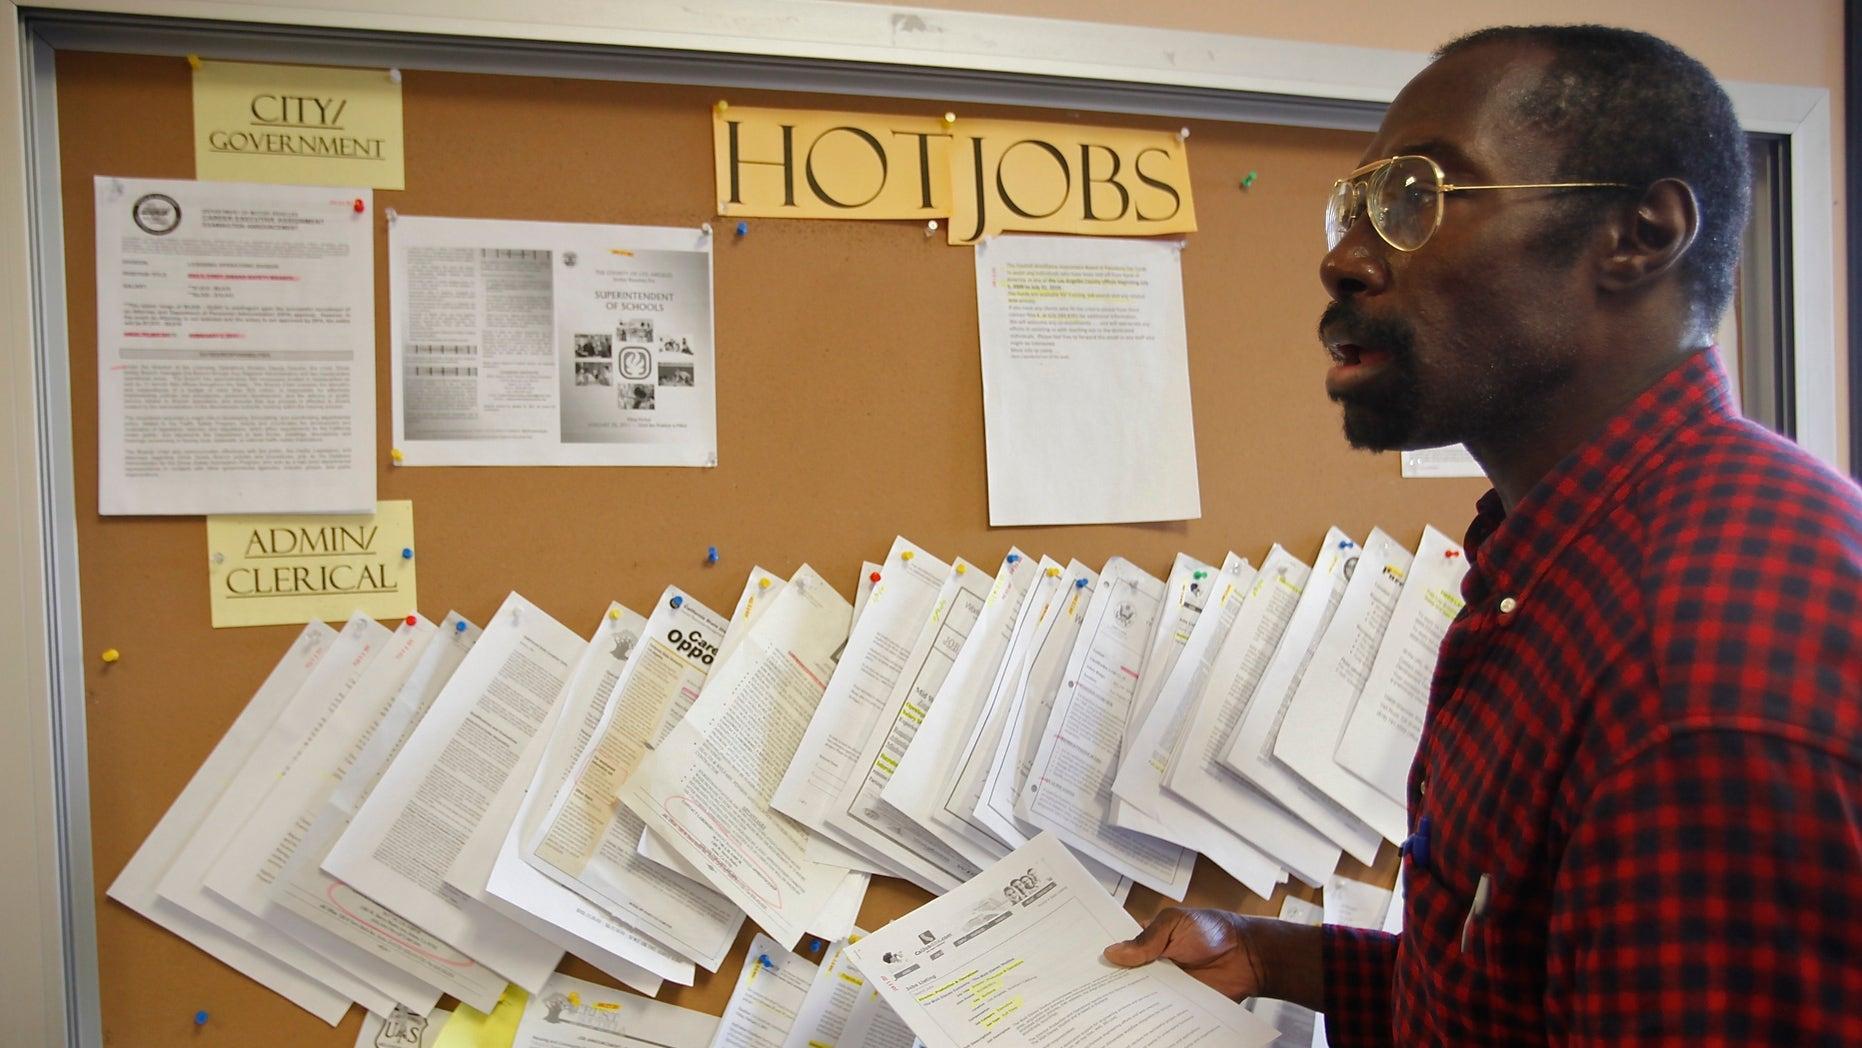 February 2011: Job seeker Richard Phillips looks for a job opportunity at the Verdugo Job Center in Glendale, California.